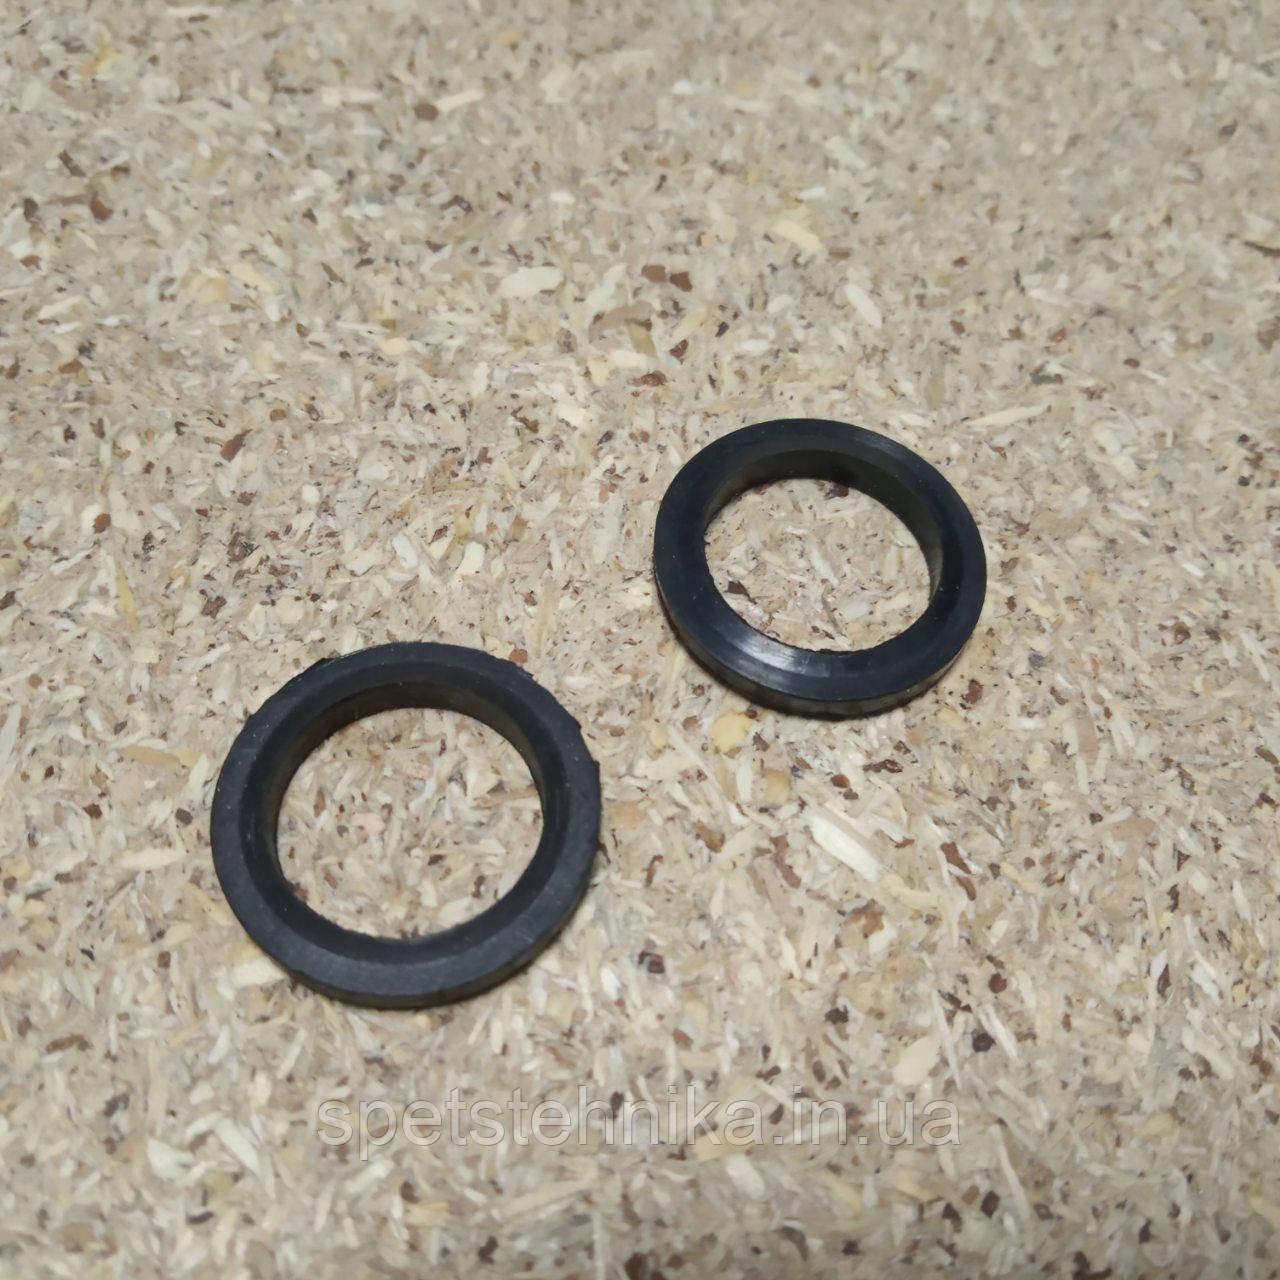 13023358 шайба стопорное кольцо